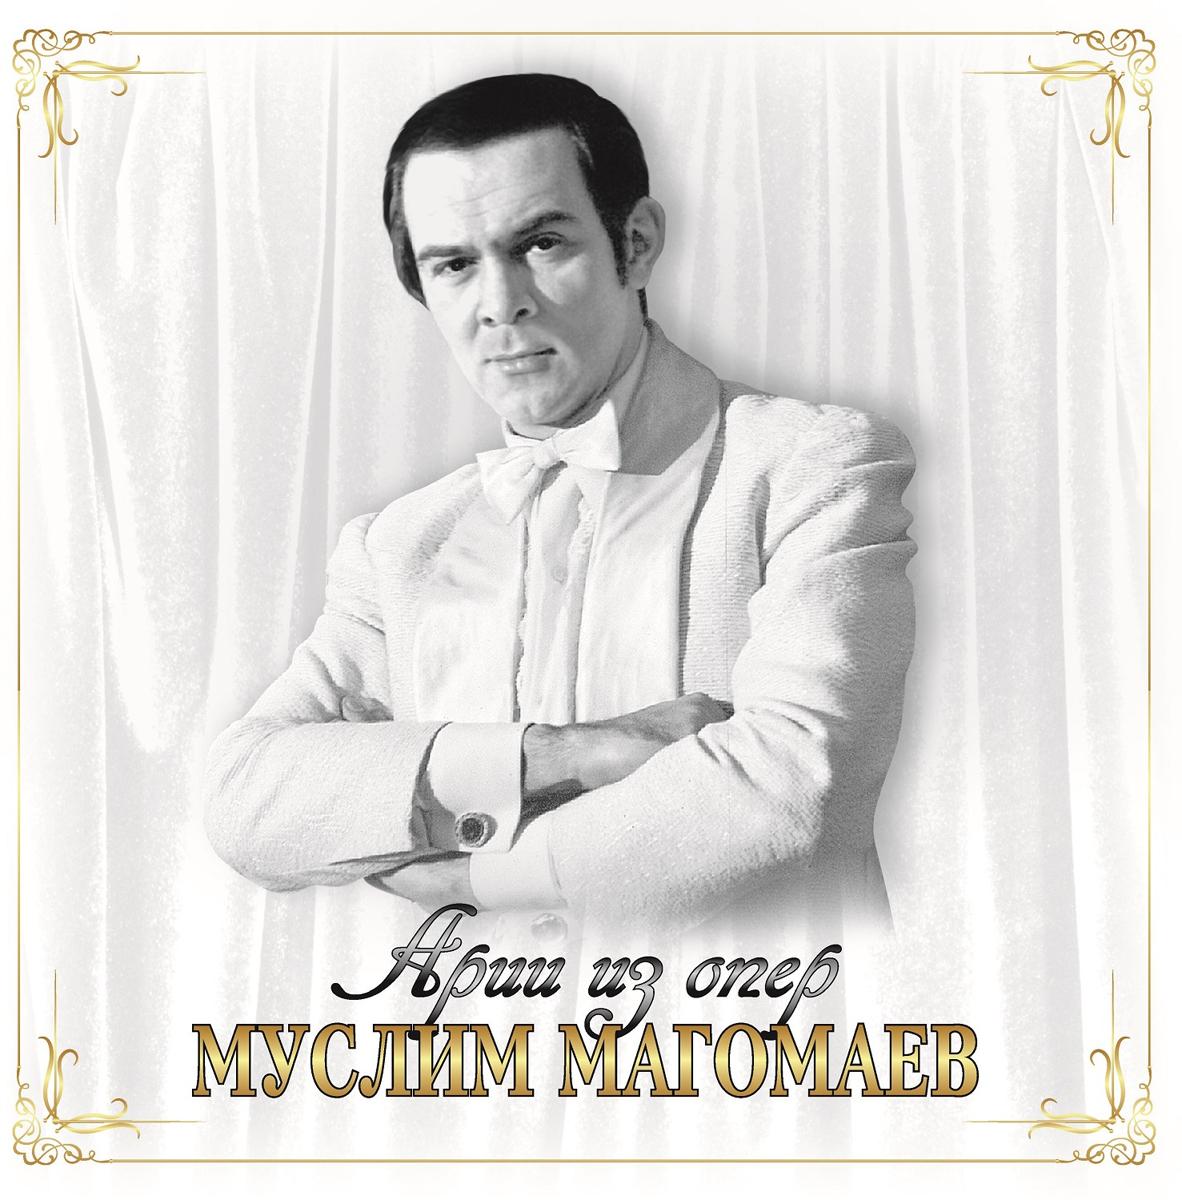 Муслим Магомаев Магомаев Муслим. Арии из опер (LP)